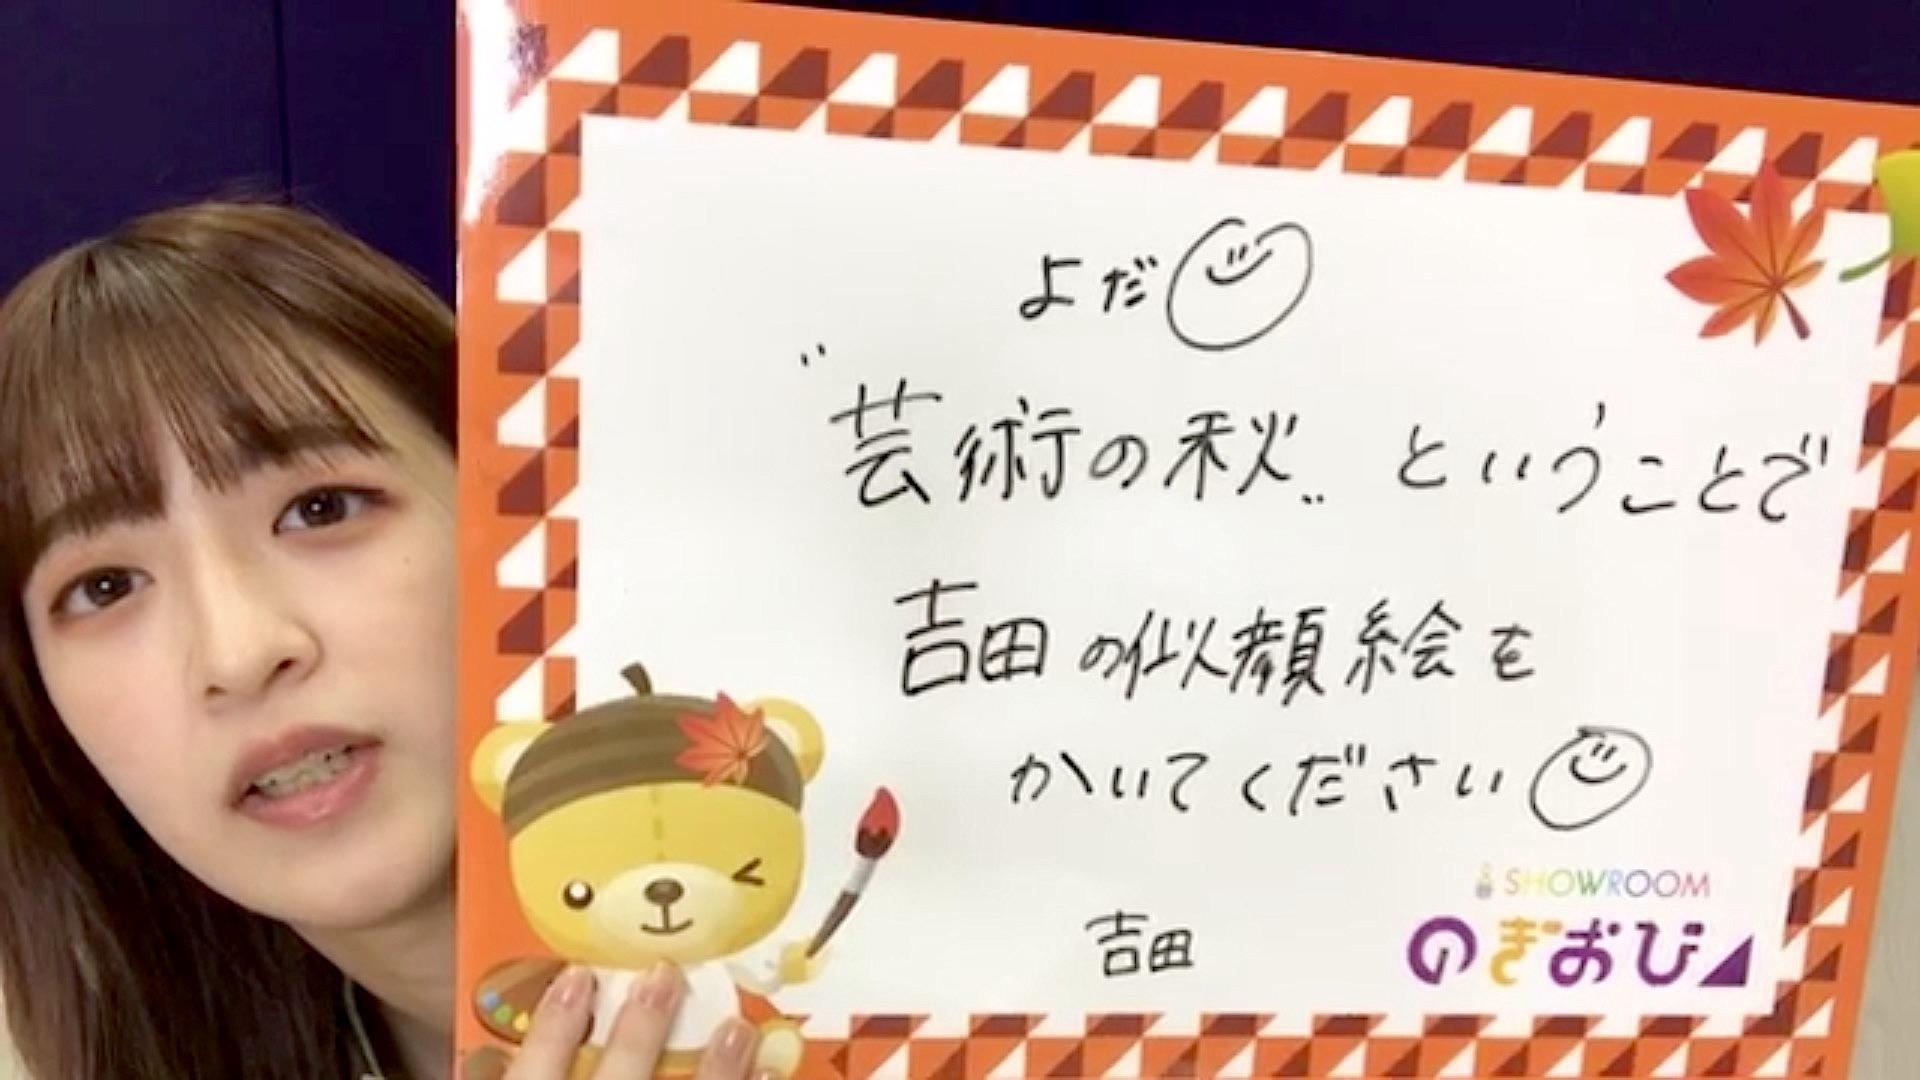 のぎおび 吉田綾乃クリスティーから与田祐希 への宿題は「芸術の秋ということで吉田の似顔絵をかいてください」